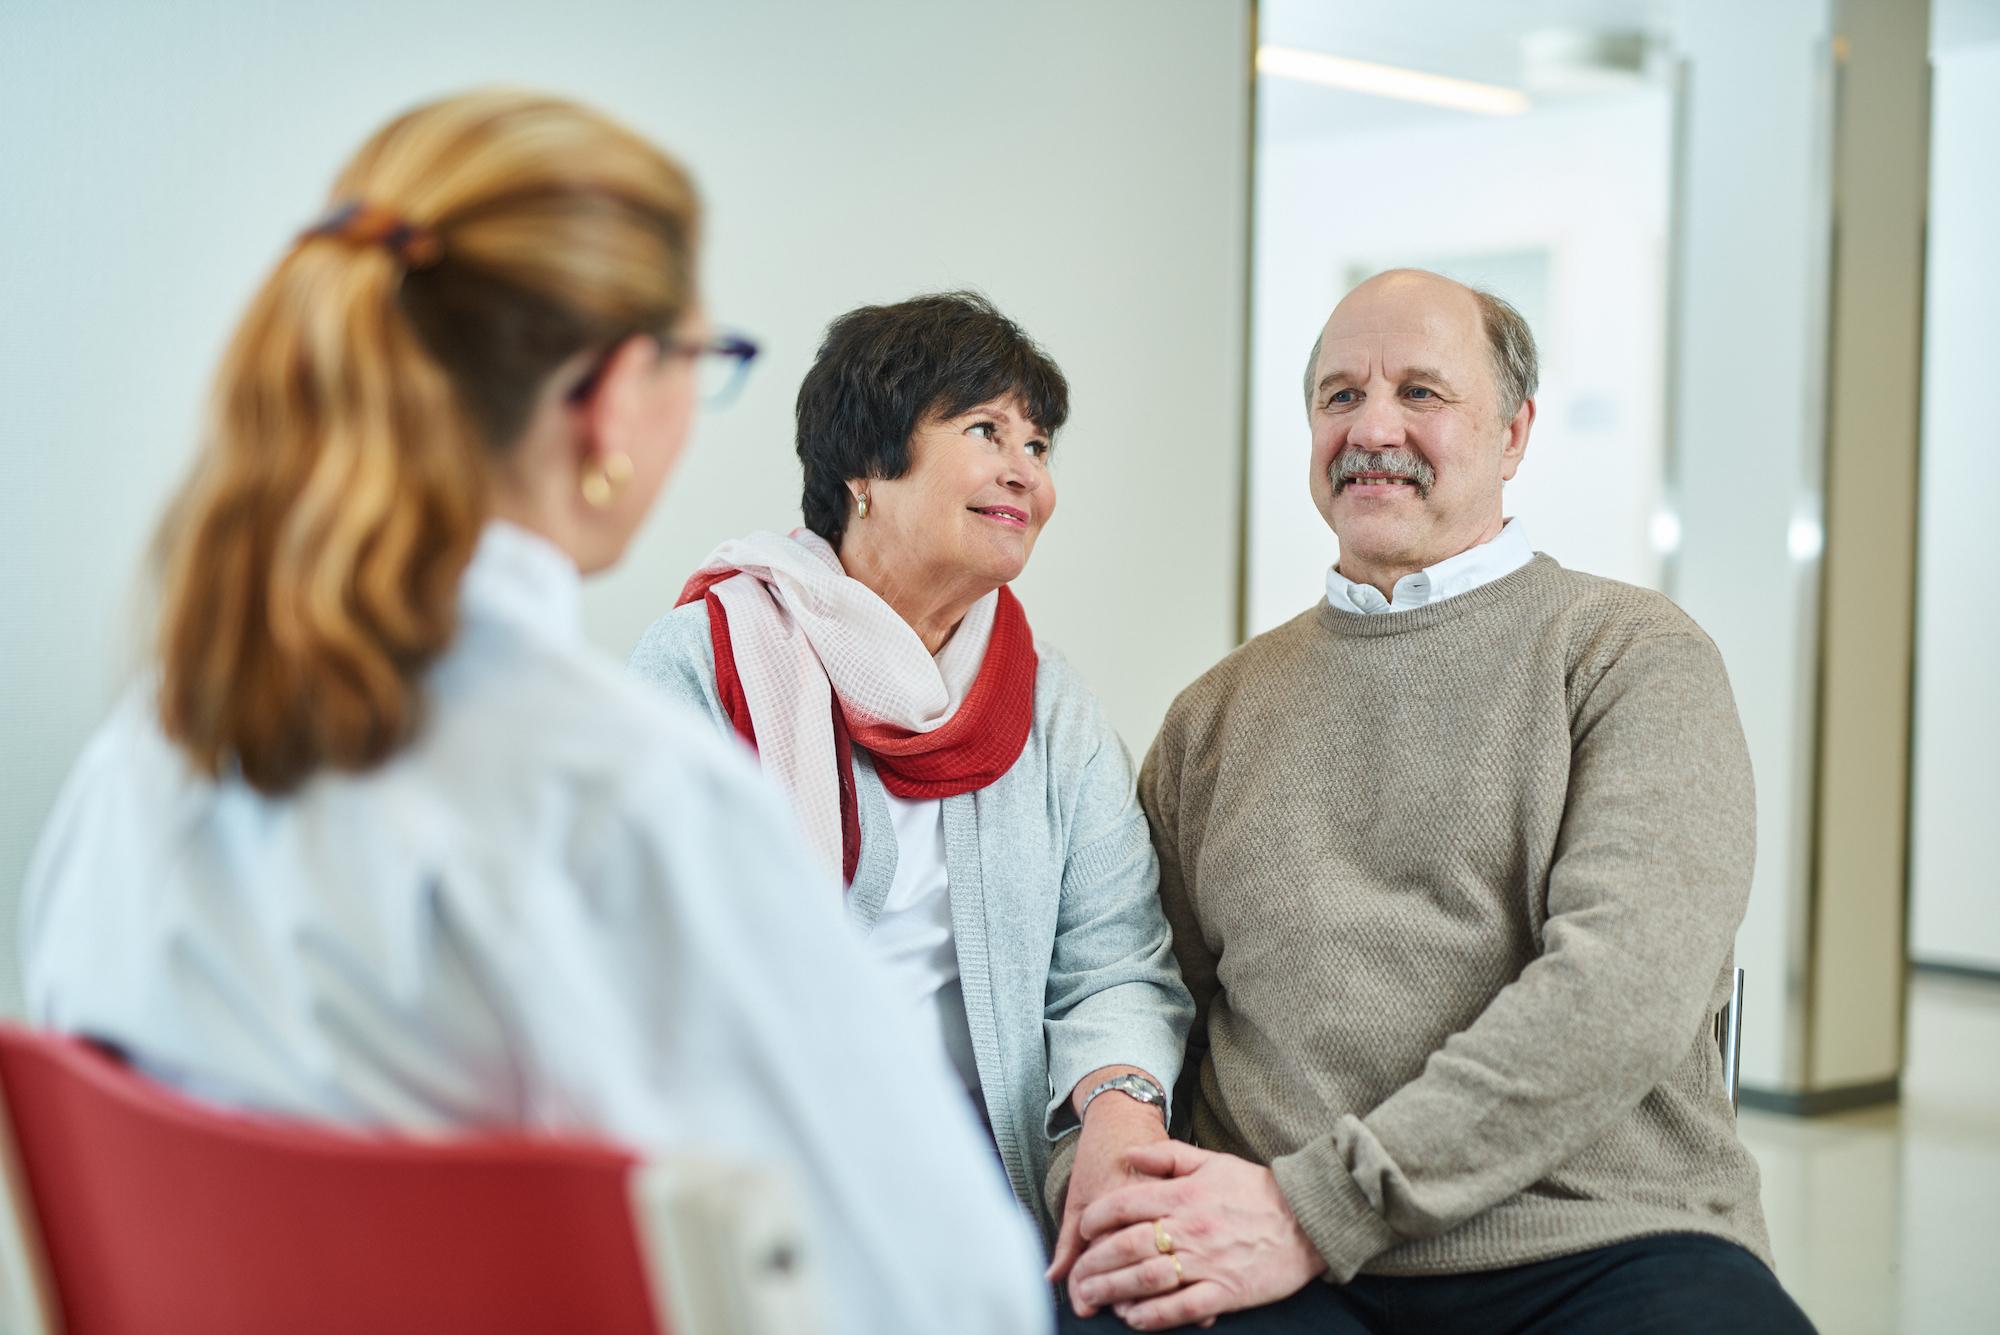 Sydänsairaala Sepelvaltimotaudin ennaltaehkäisy